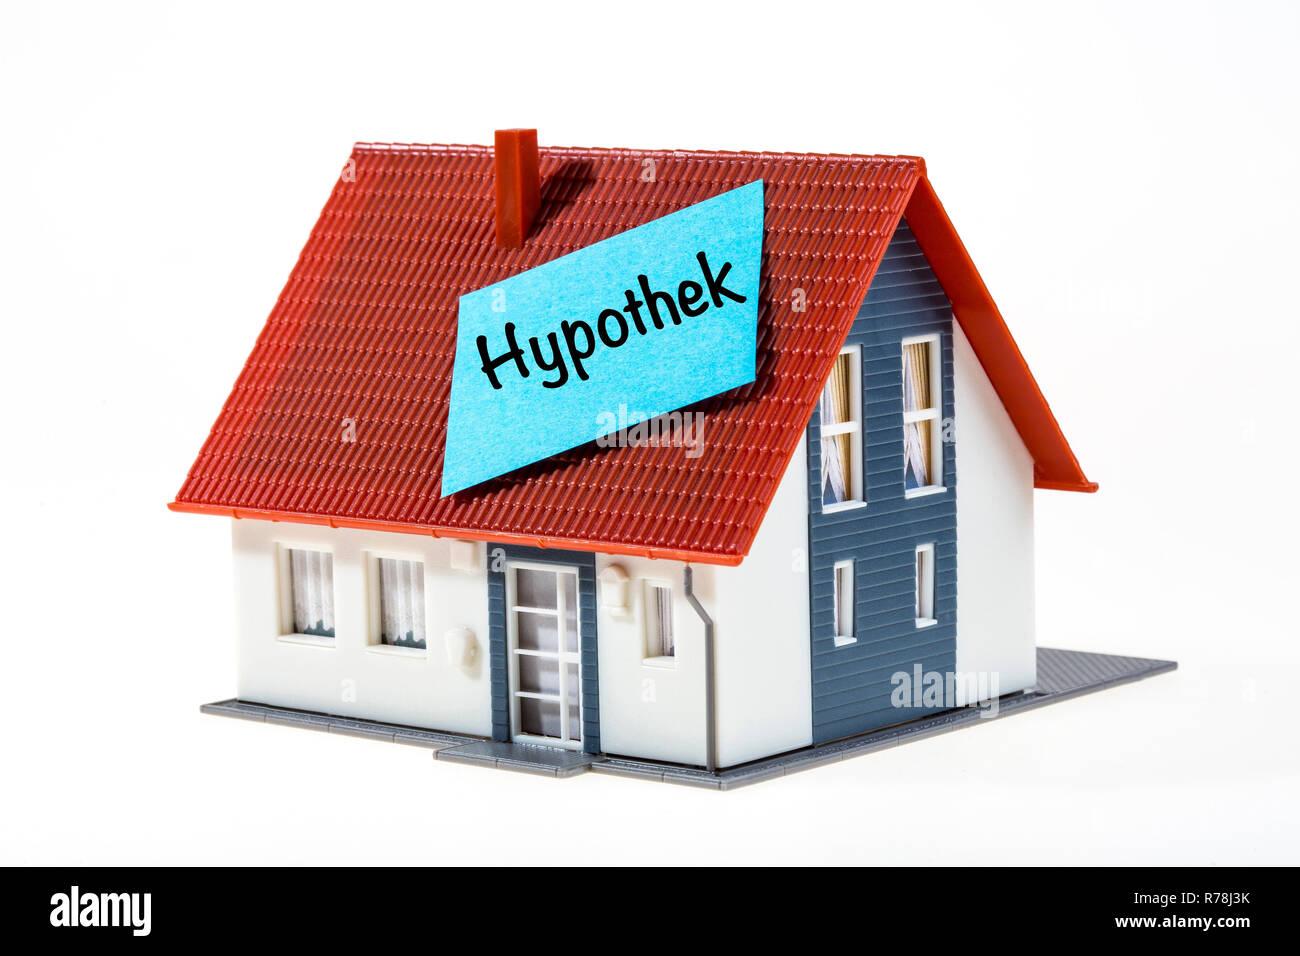 Real estate symbol, mortgage, German language - Stock Image